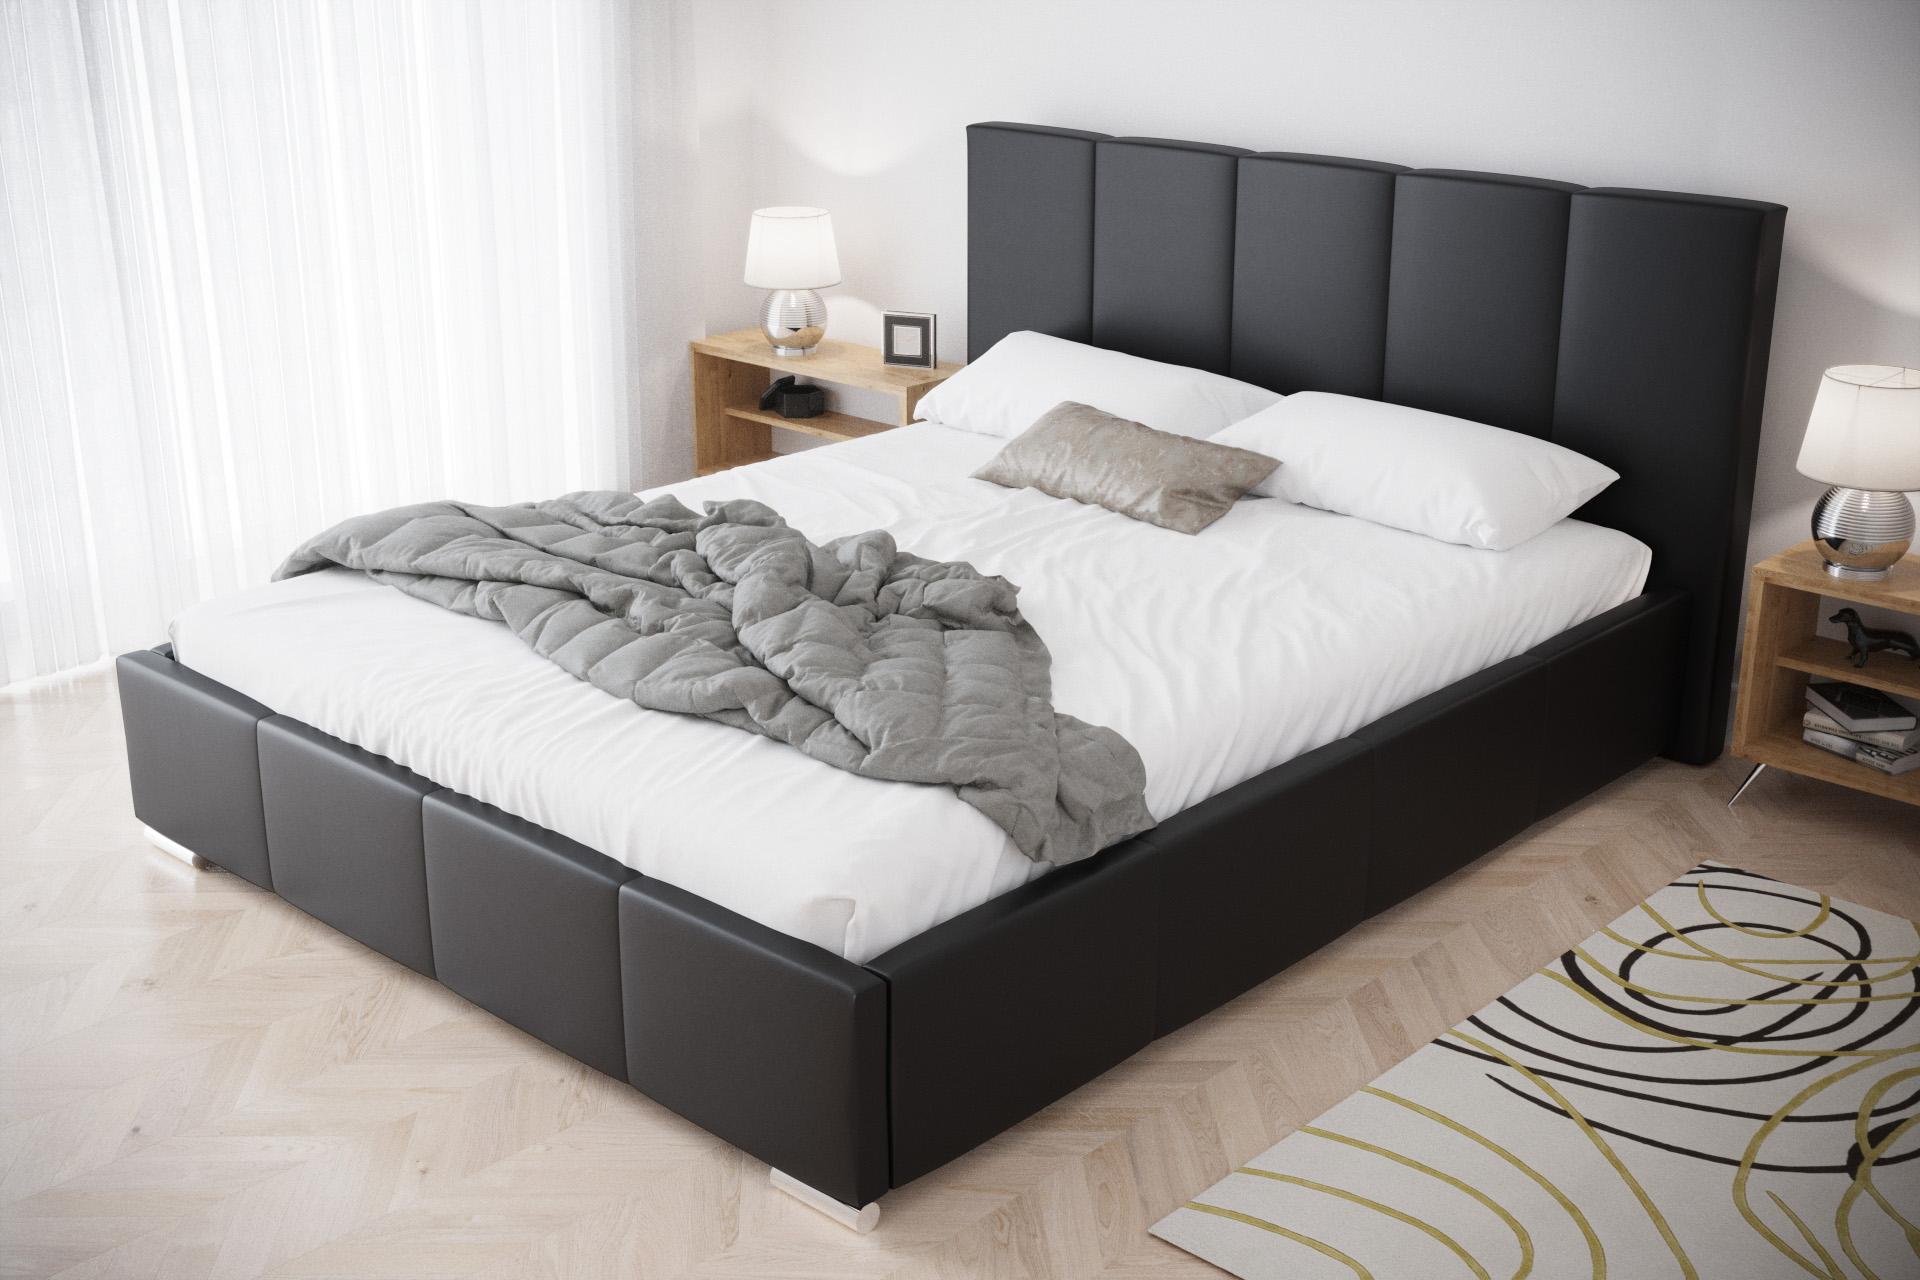 Full Size of Modernes Bett 200x200 Bettgestell 140x200 Bettsofa 180x200 Mit Stauraum Schlafbett Doppelbett Polsterbett Lattenrost 160x200 Kopfteil Selber Machen Weiß Bett Modernes Bett